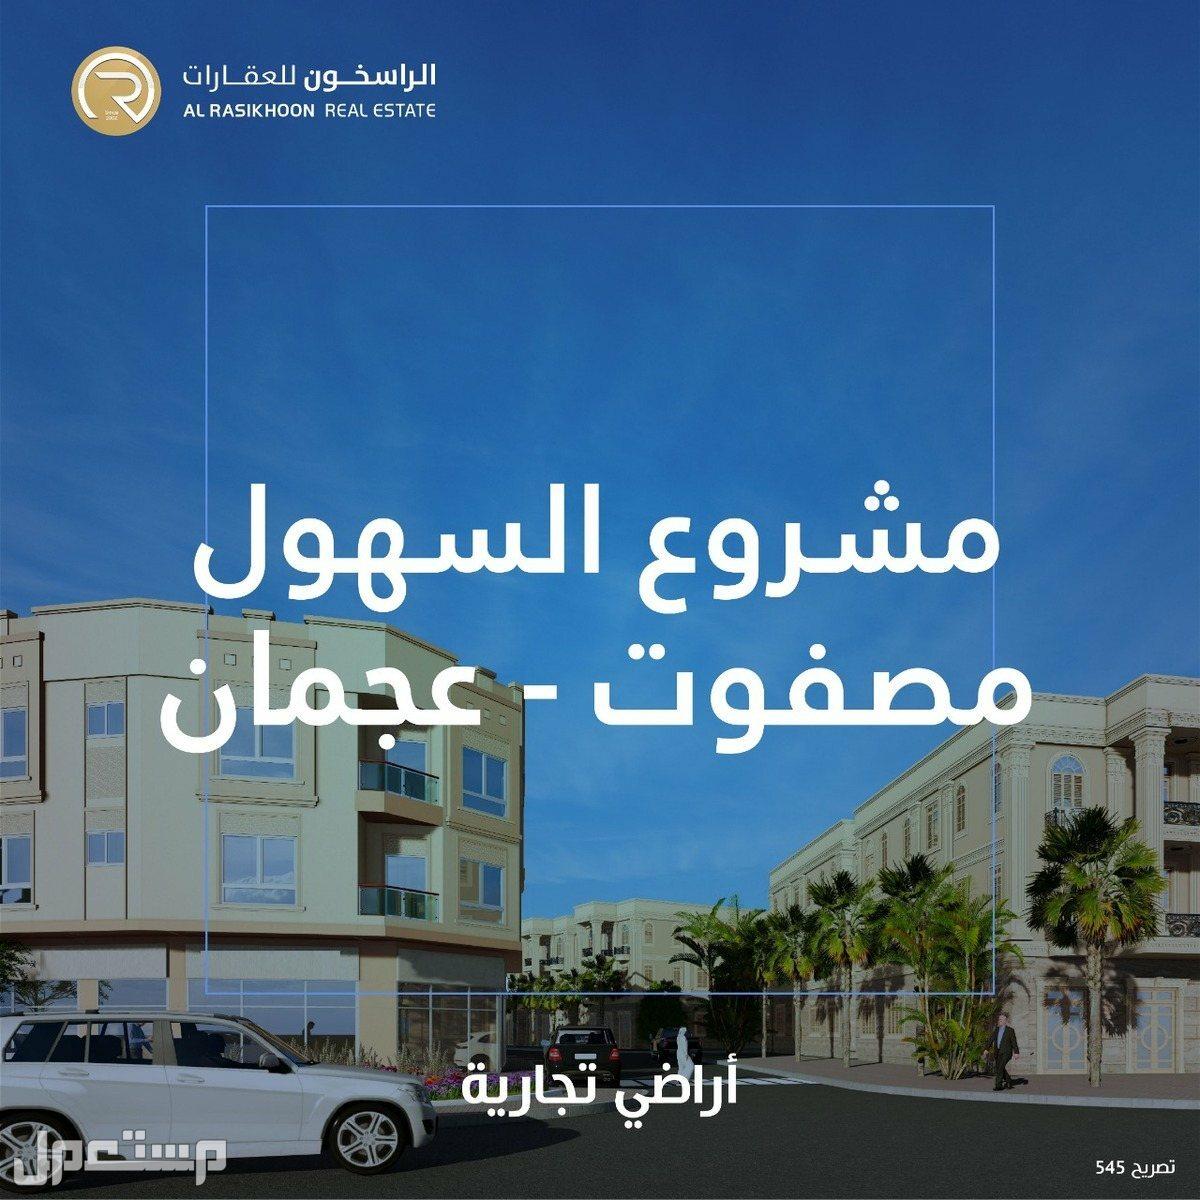 اراضي تجارية للبيع فى عجمان -من المالك مباشرة - سعر مميز جدا - كل الخدمات